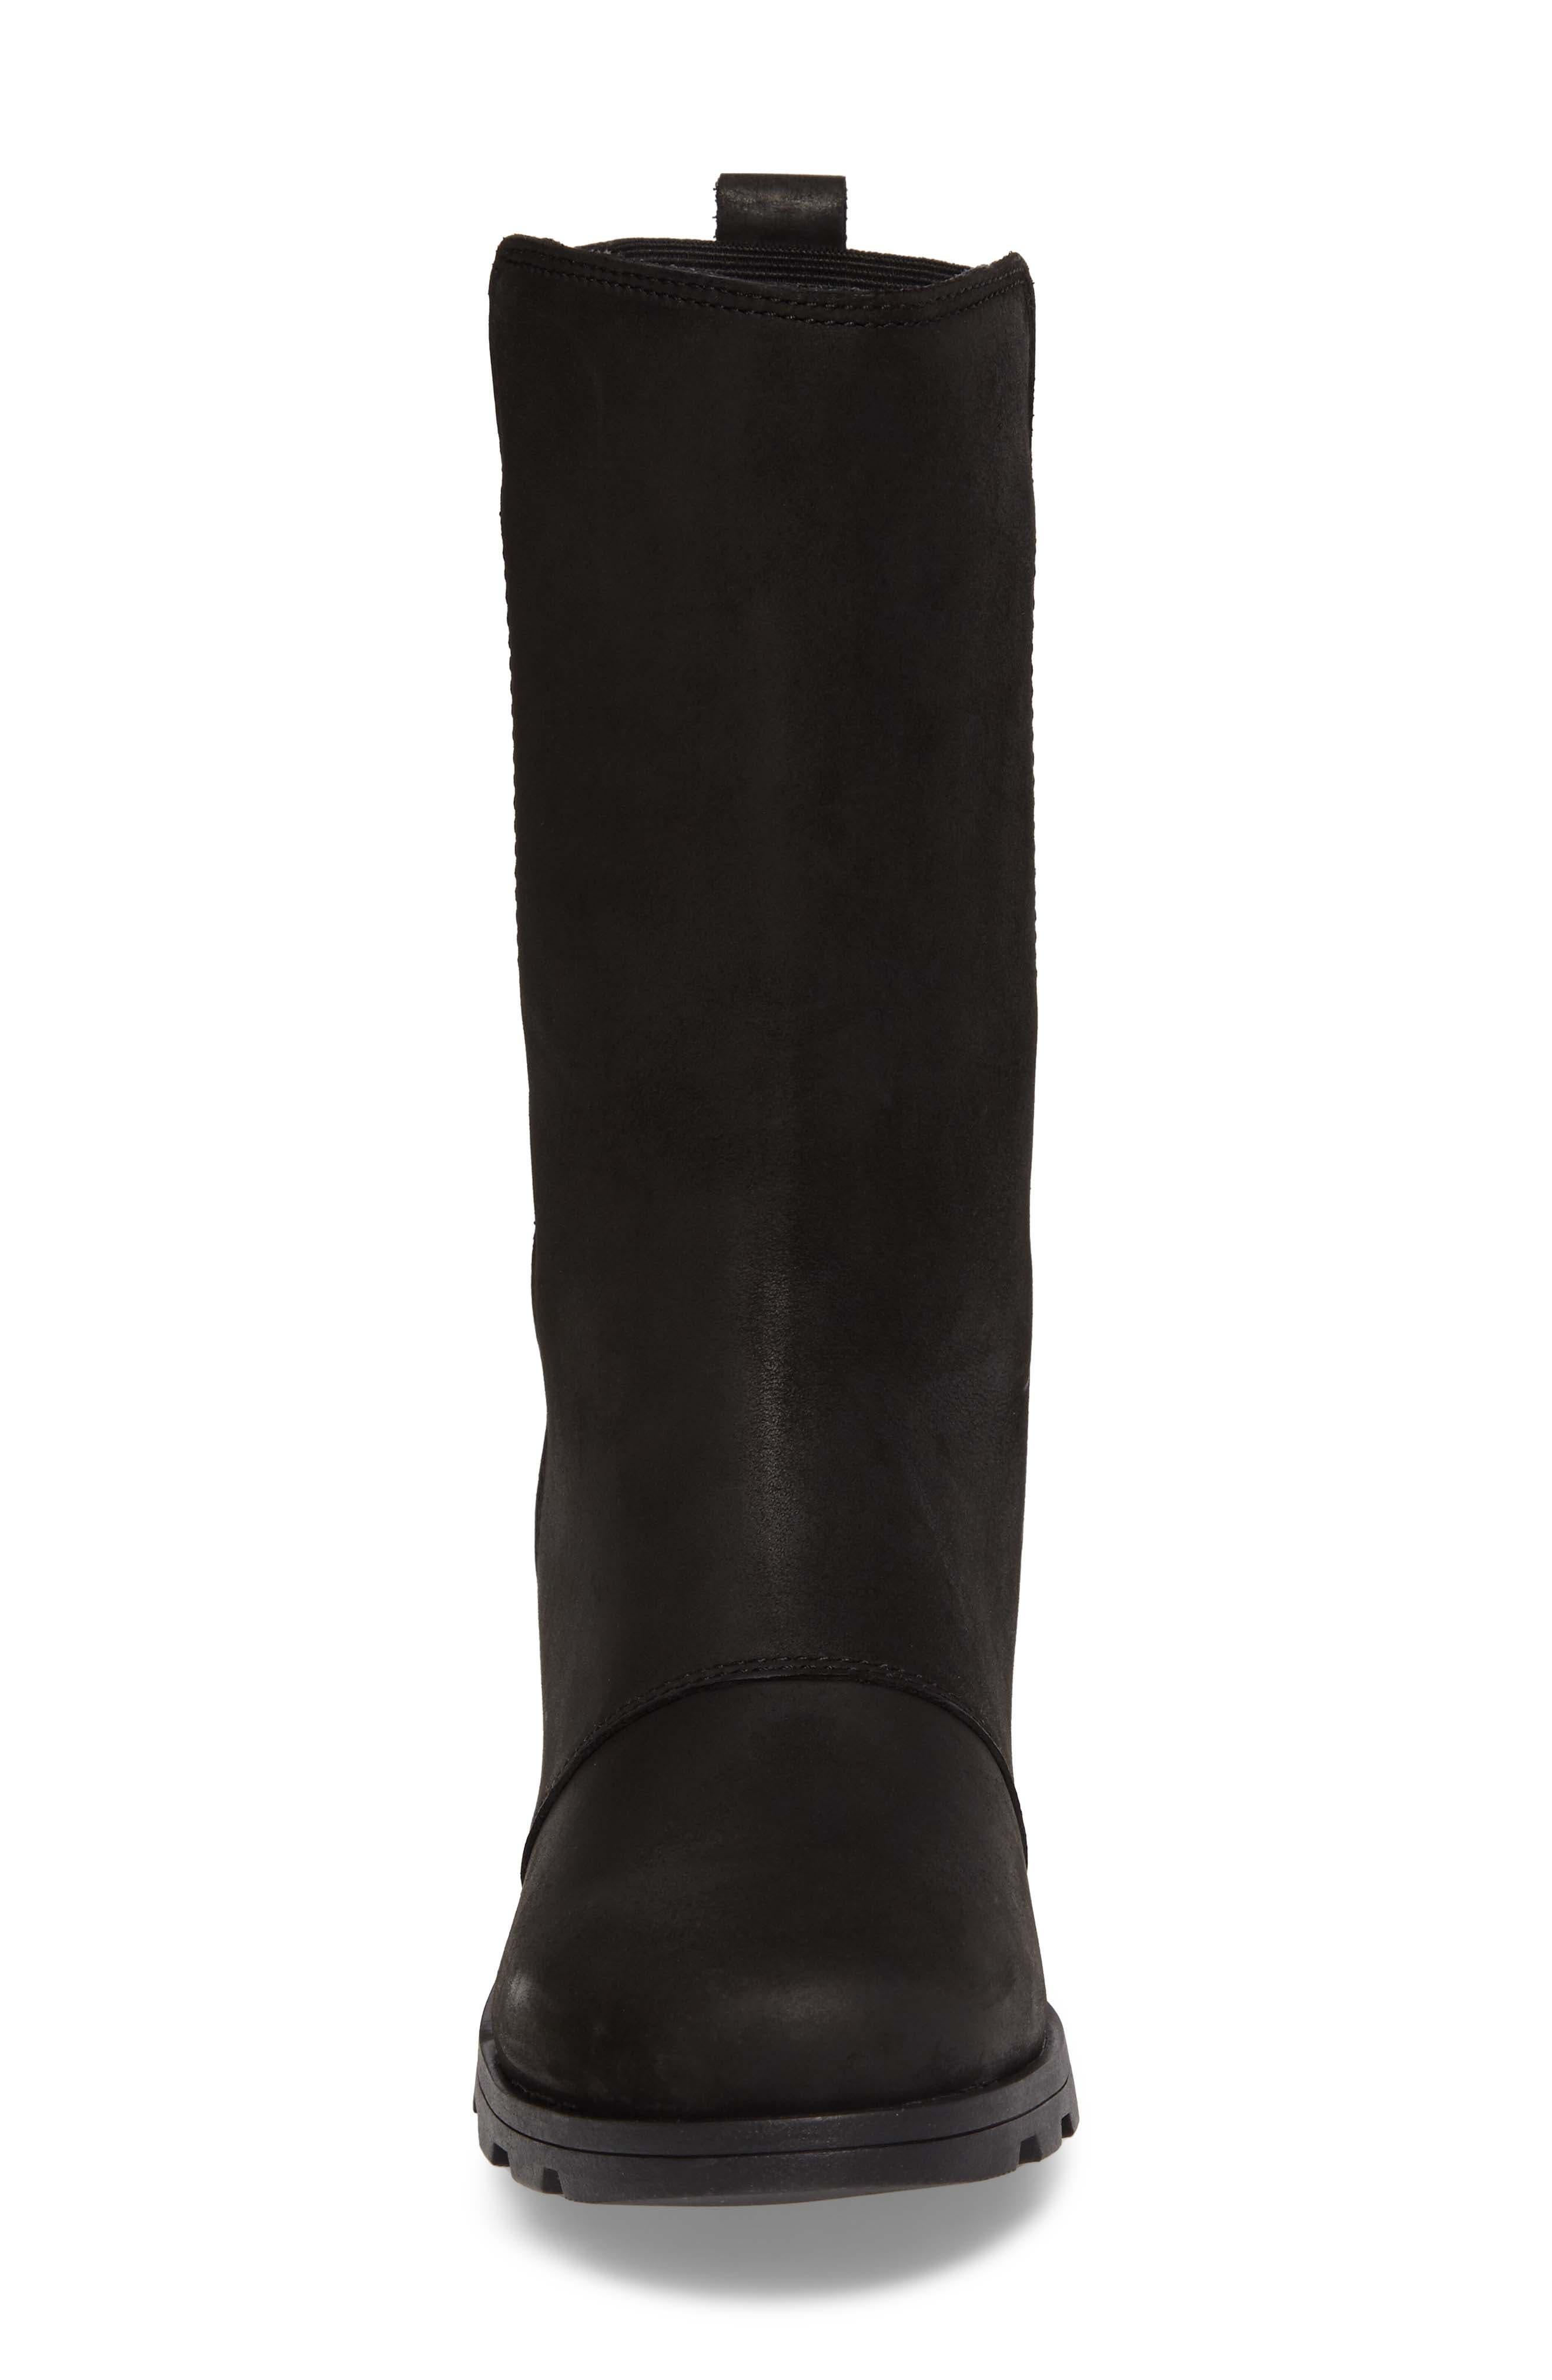 Emelie Waterproof Boot,                             Alternate thumbnail 4, color,                             Black